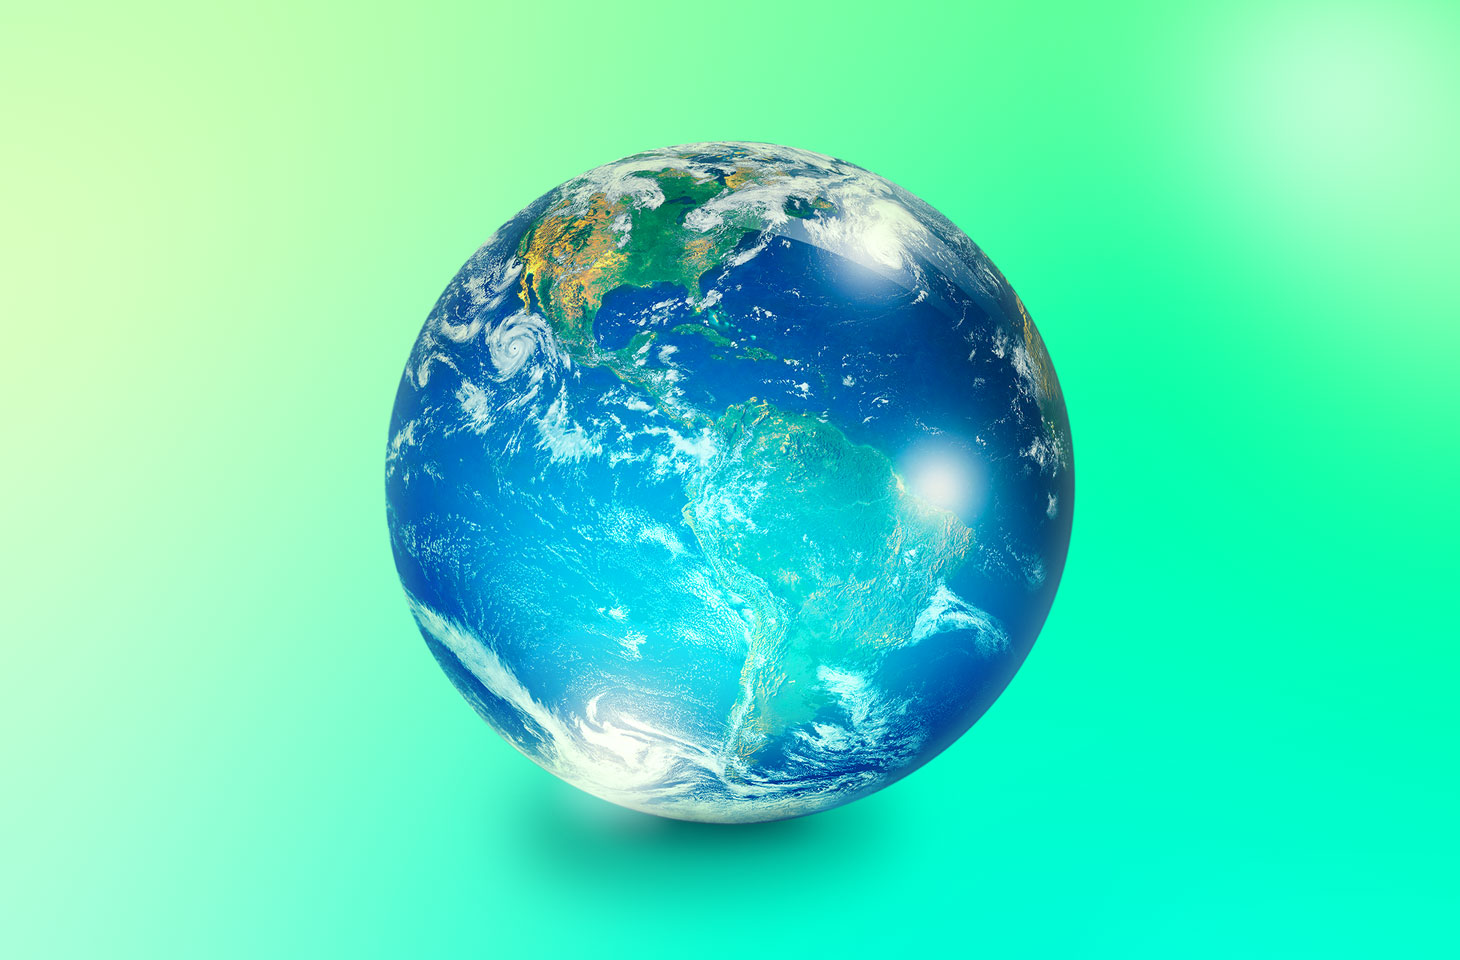 La sostenibilidad de las TIC: cómo ahorrar energía